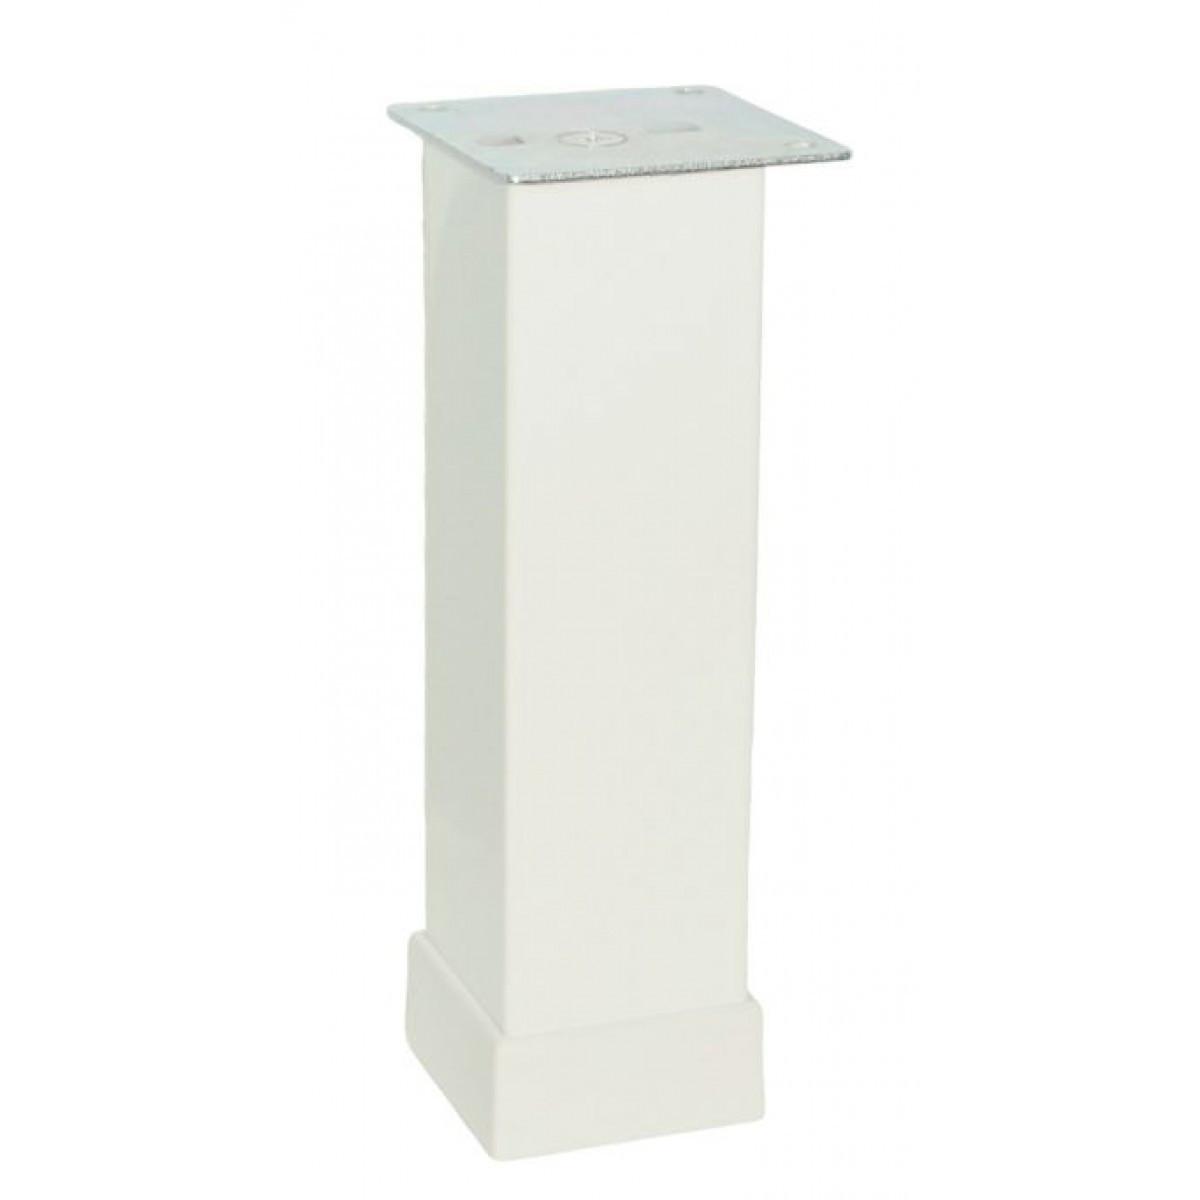 Ножка мебельная регулируемая Kare Duz 116-013, 40х40 мм, Н=150 мм Белая